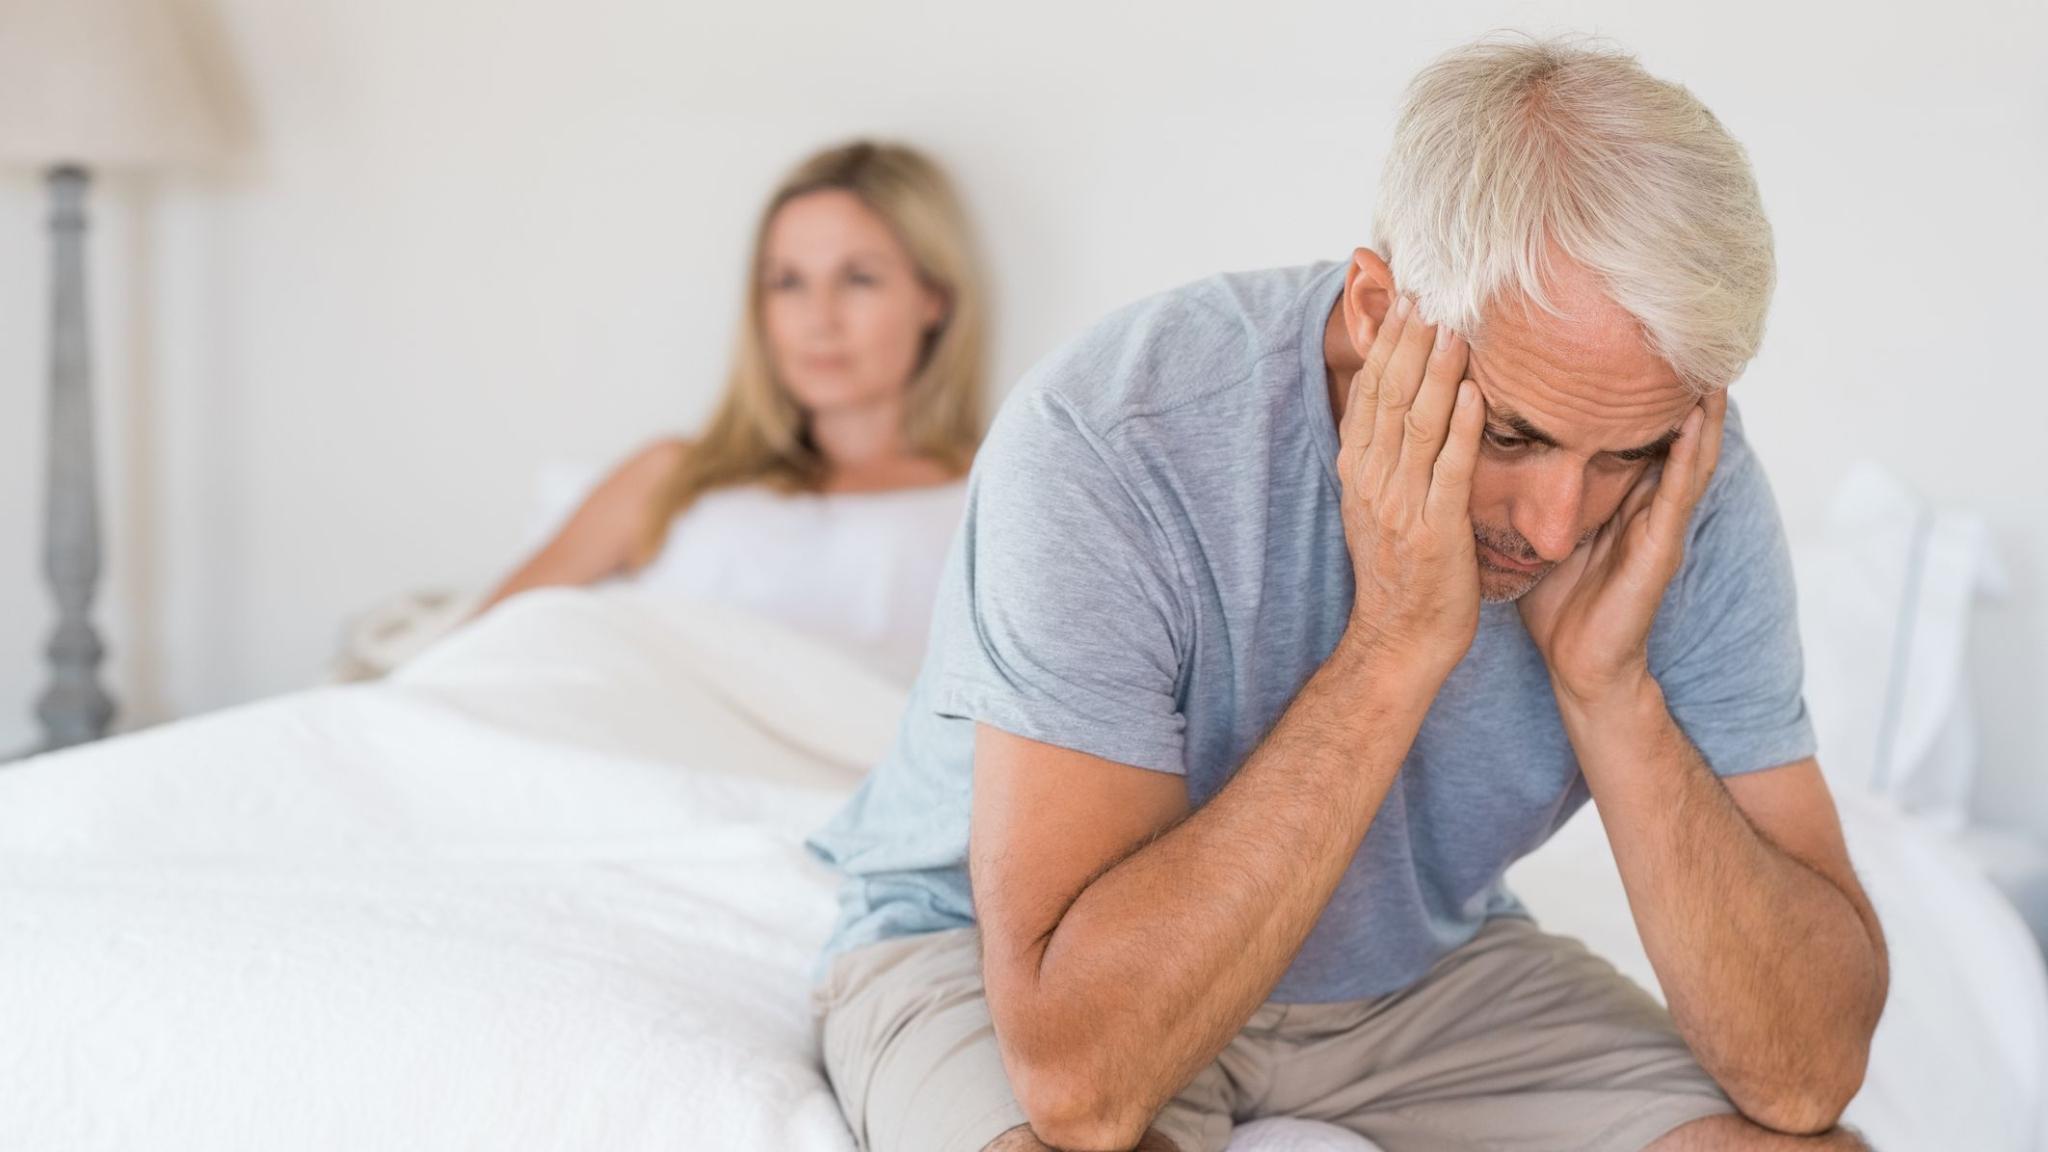 """Sexolve 178: """"My Husband Masturbates Thinking About Younger Girls"""""""